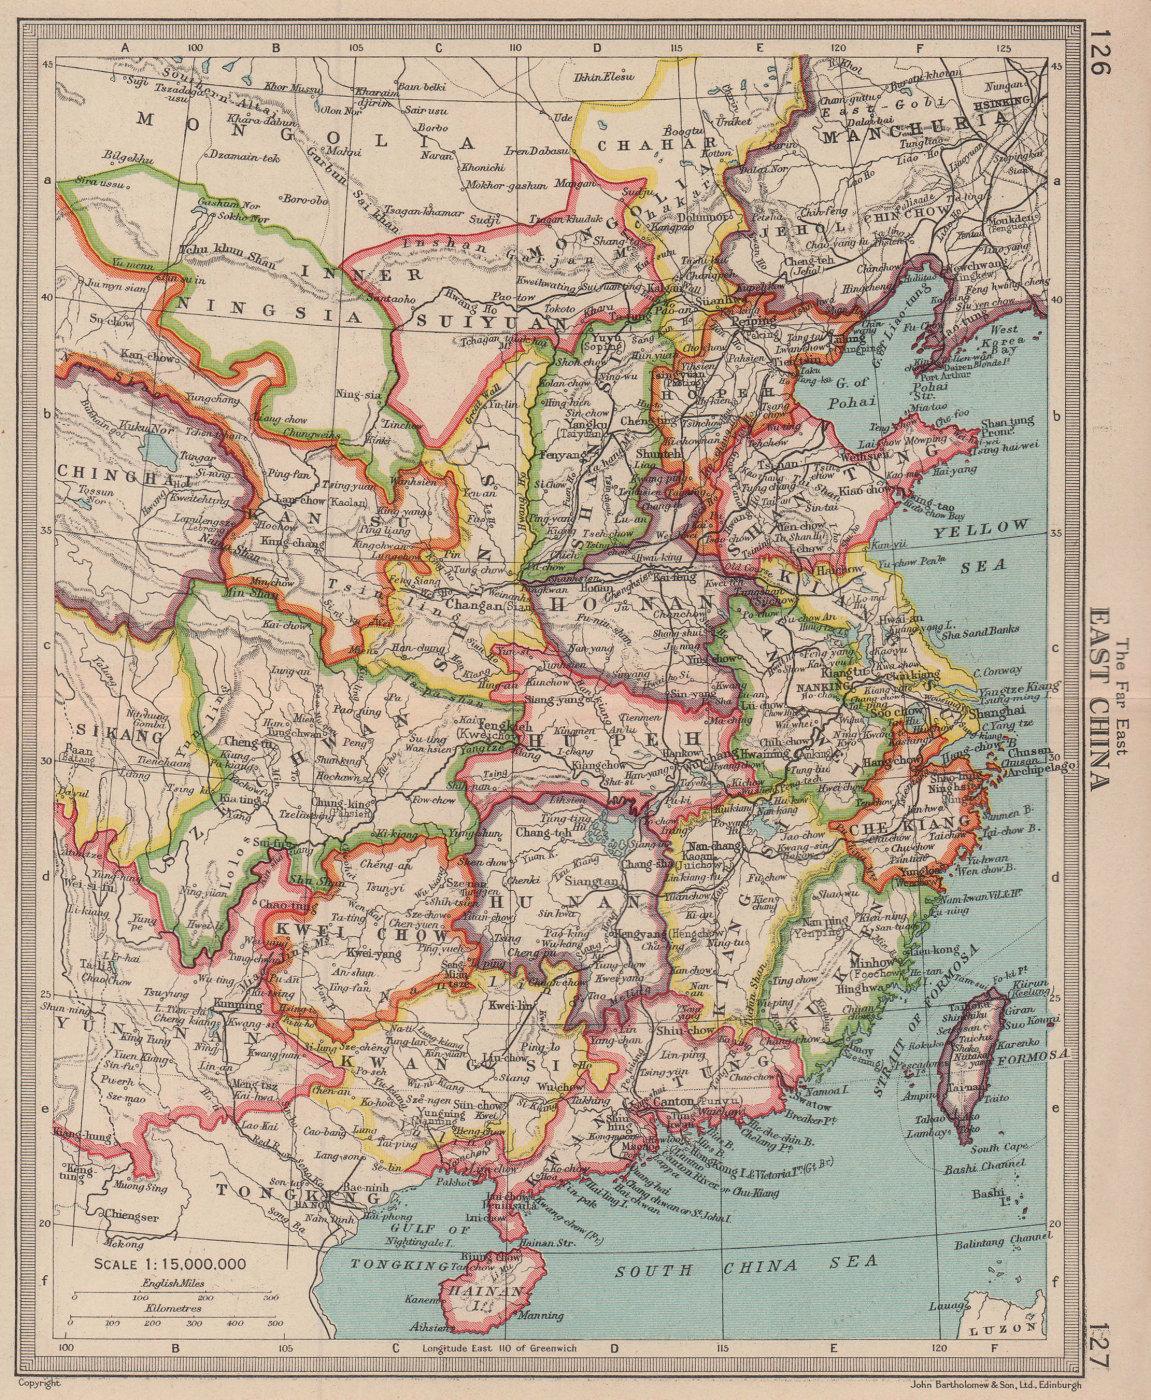 China. BARTHOLOMEW 1949 old vintage map plan chart